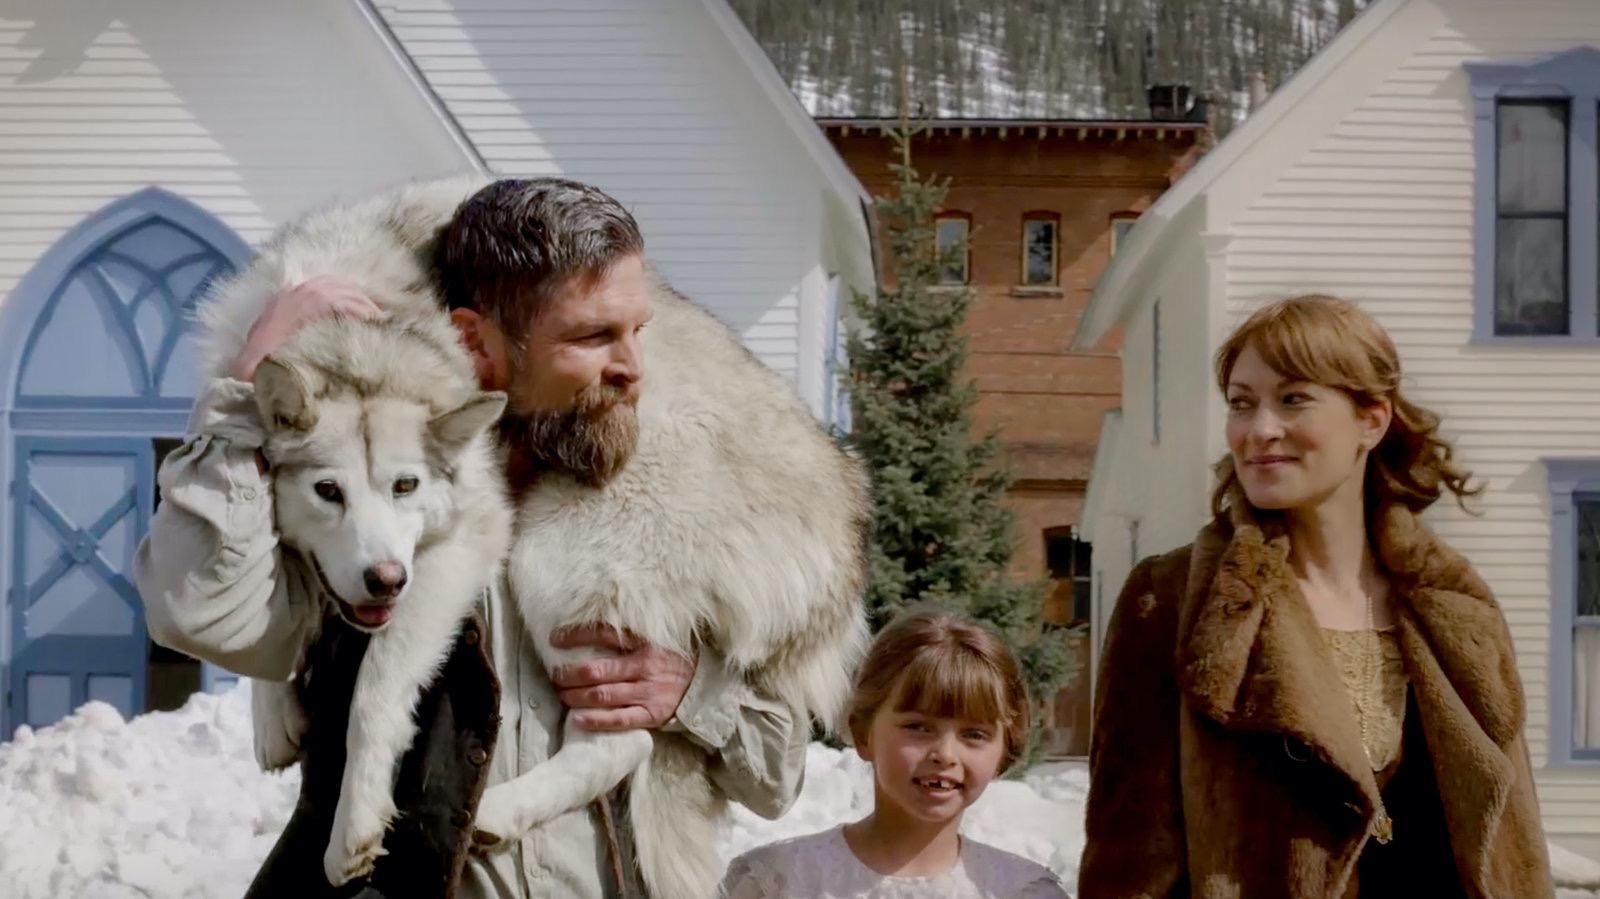 Balto e Togo, la recensione del film di Brian Presley sui due leggendari husky